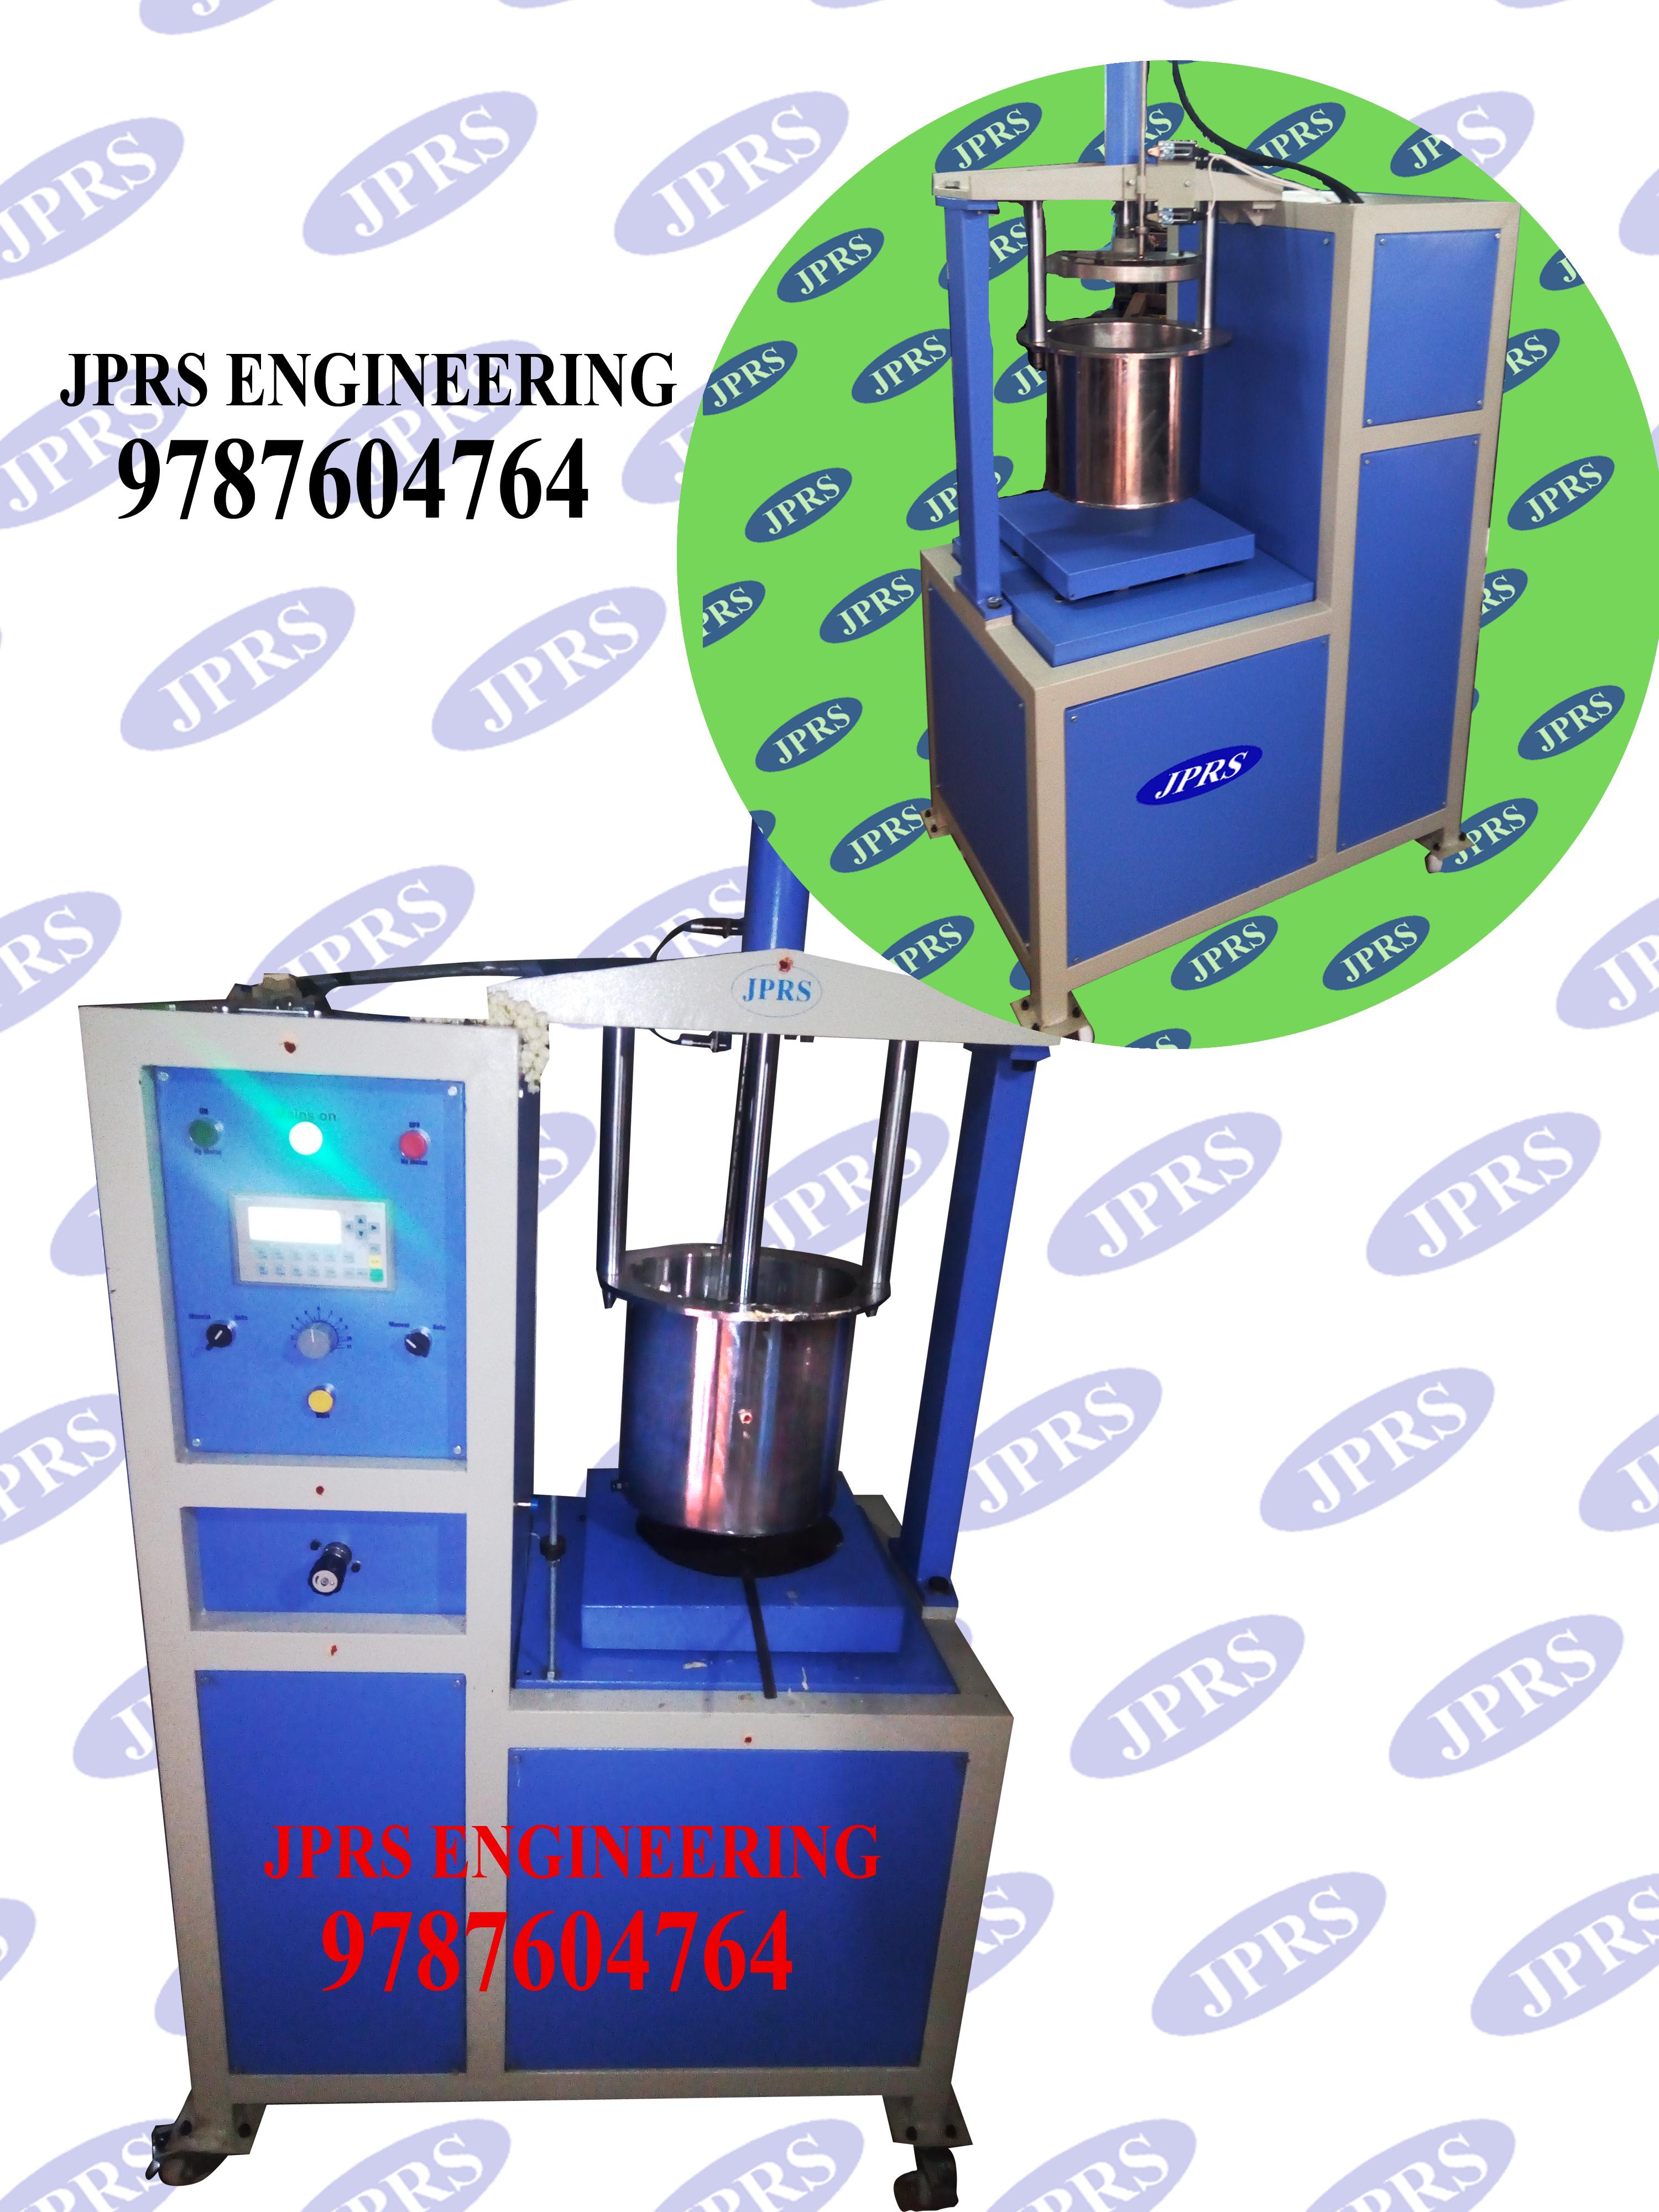 Murukku Machine In Tamil Nadu